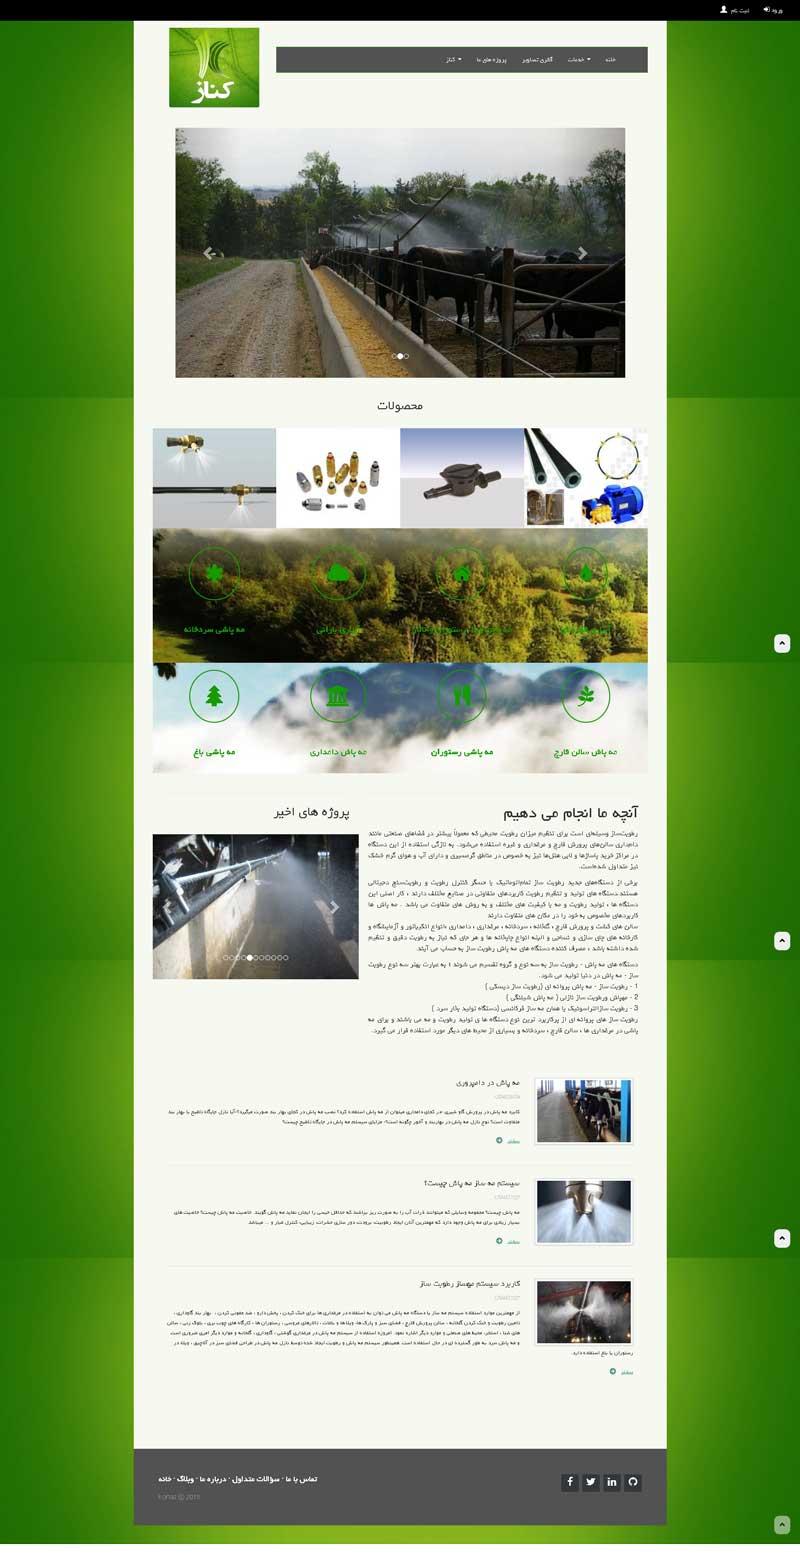 قیمت وب سایت شهریار